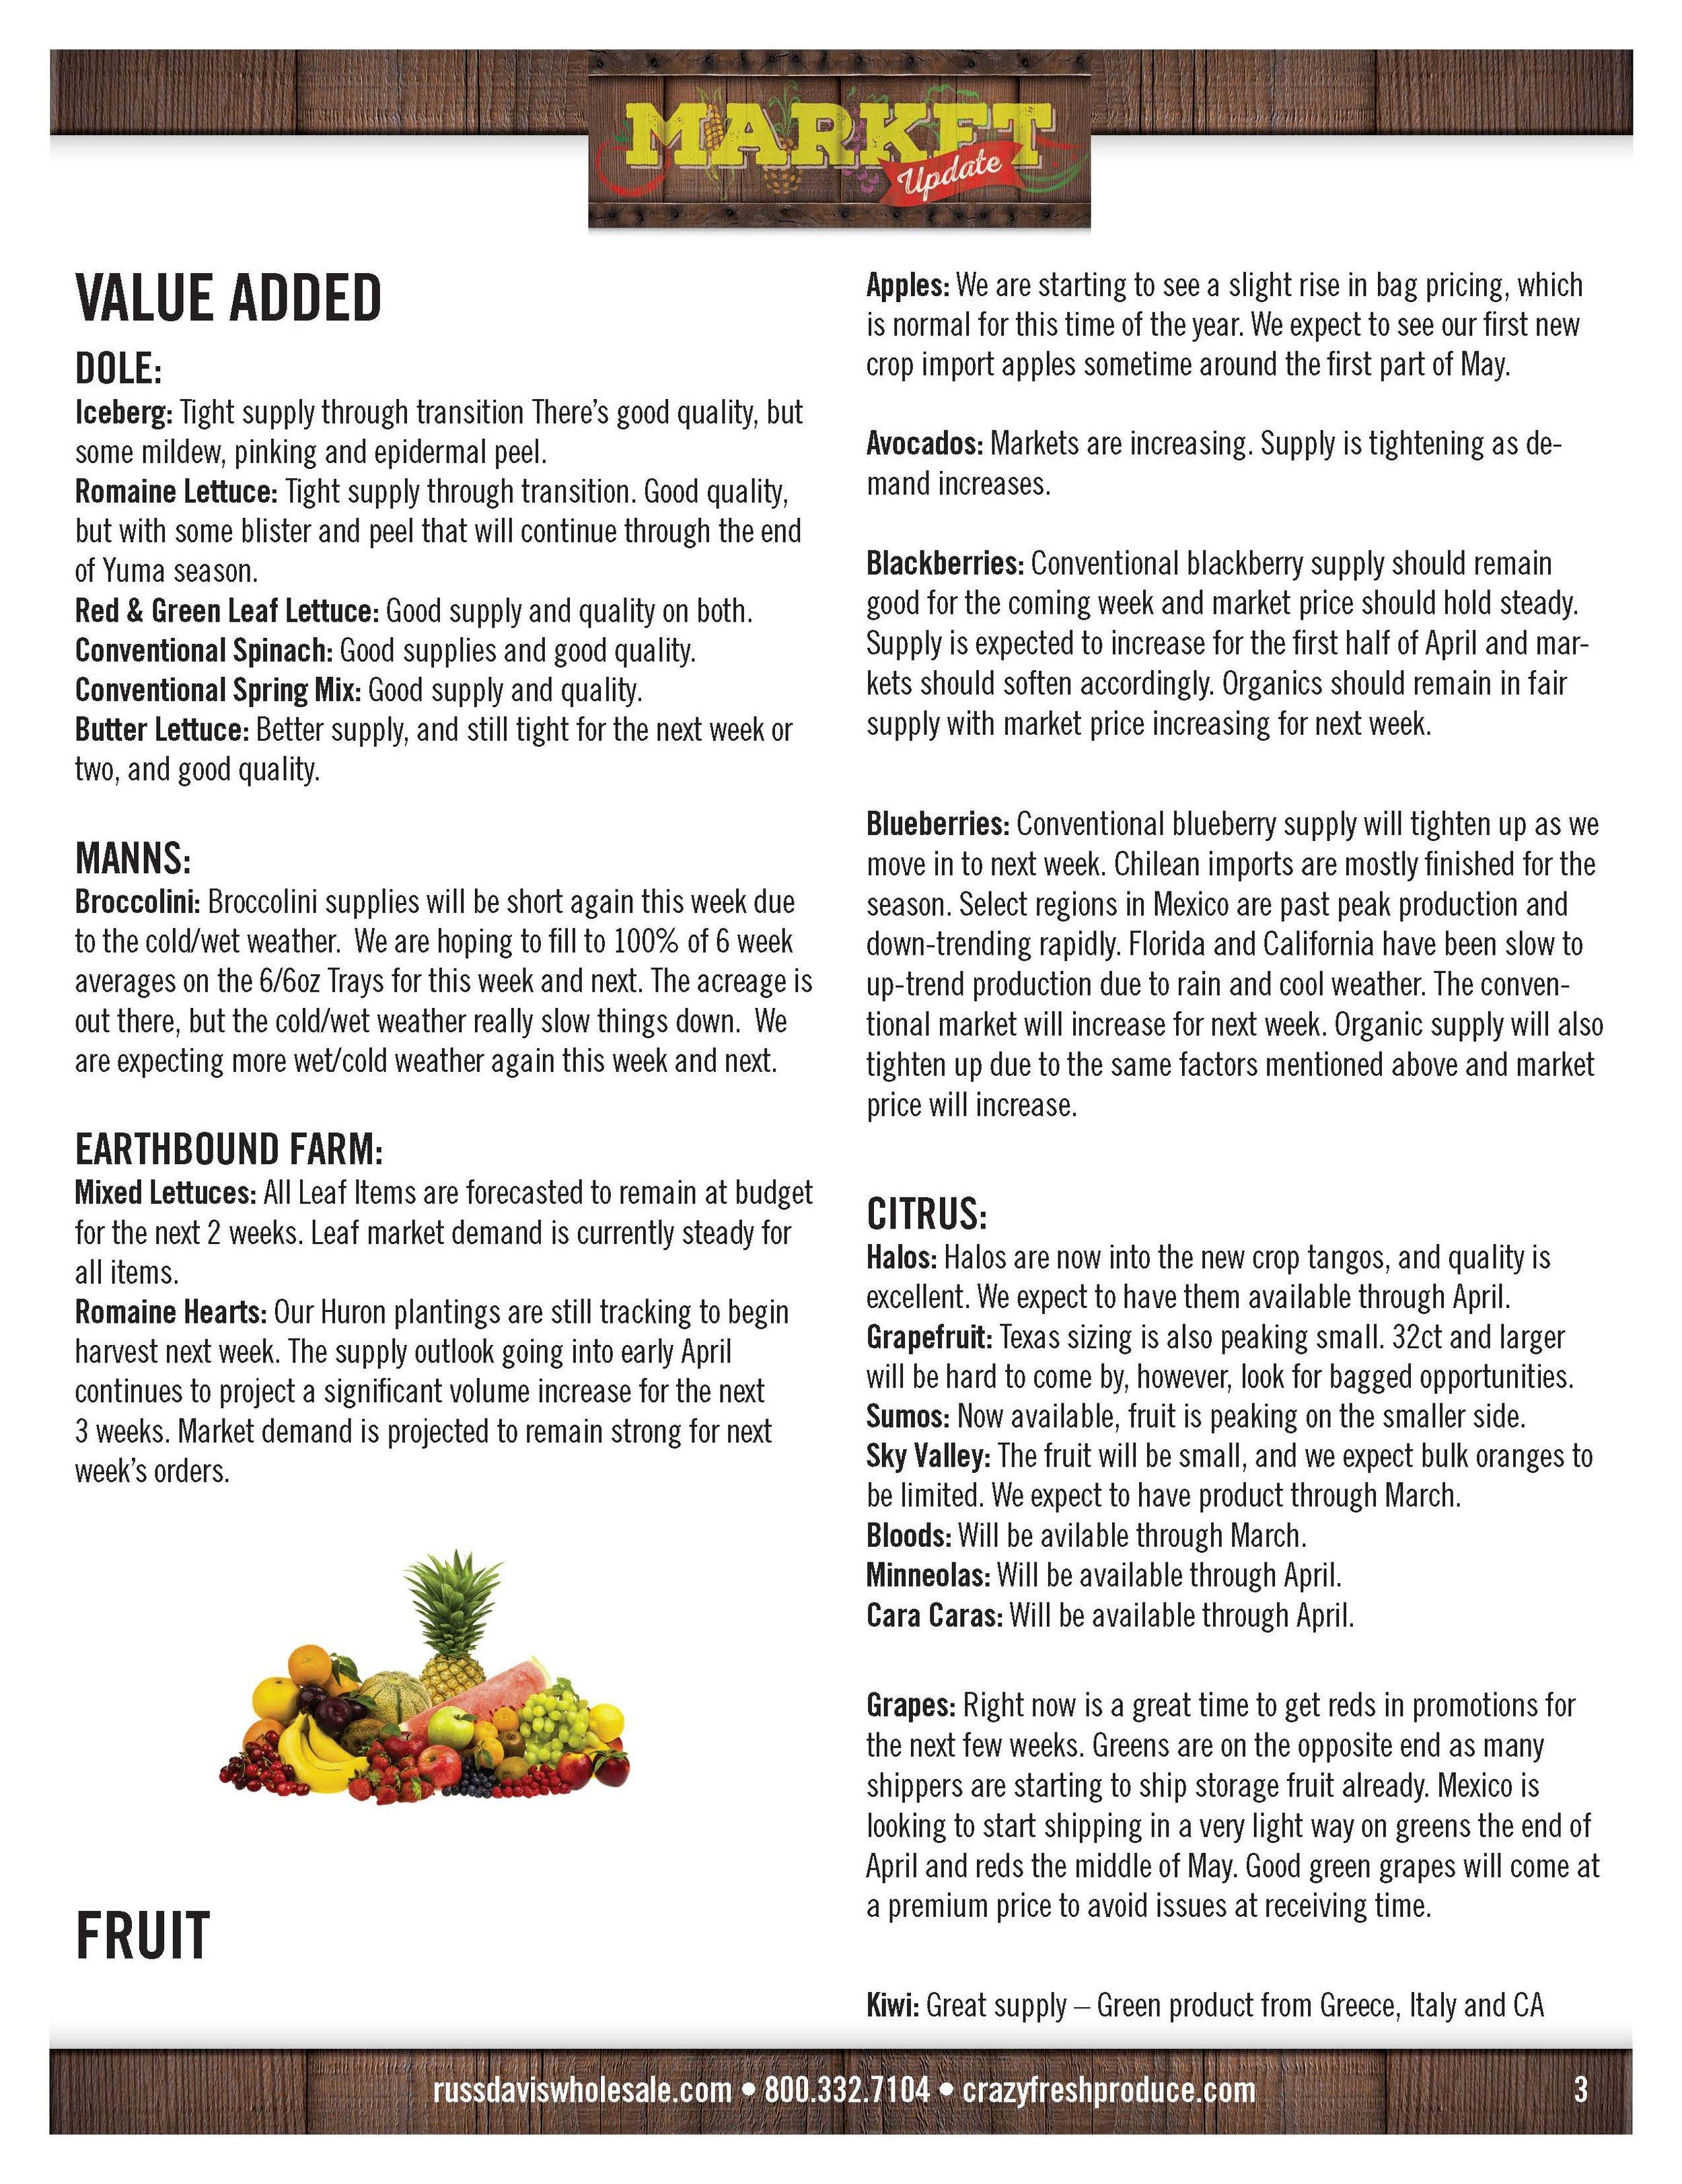 RDW_Market_Update_Mar21_19_Page_3.jpg